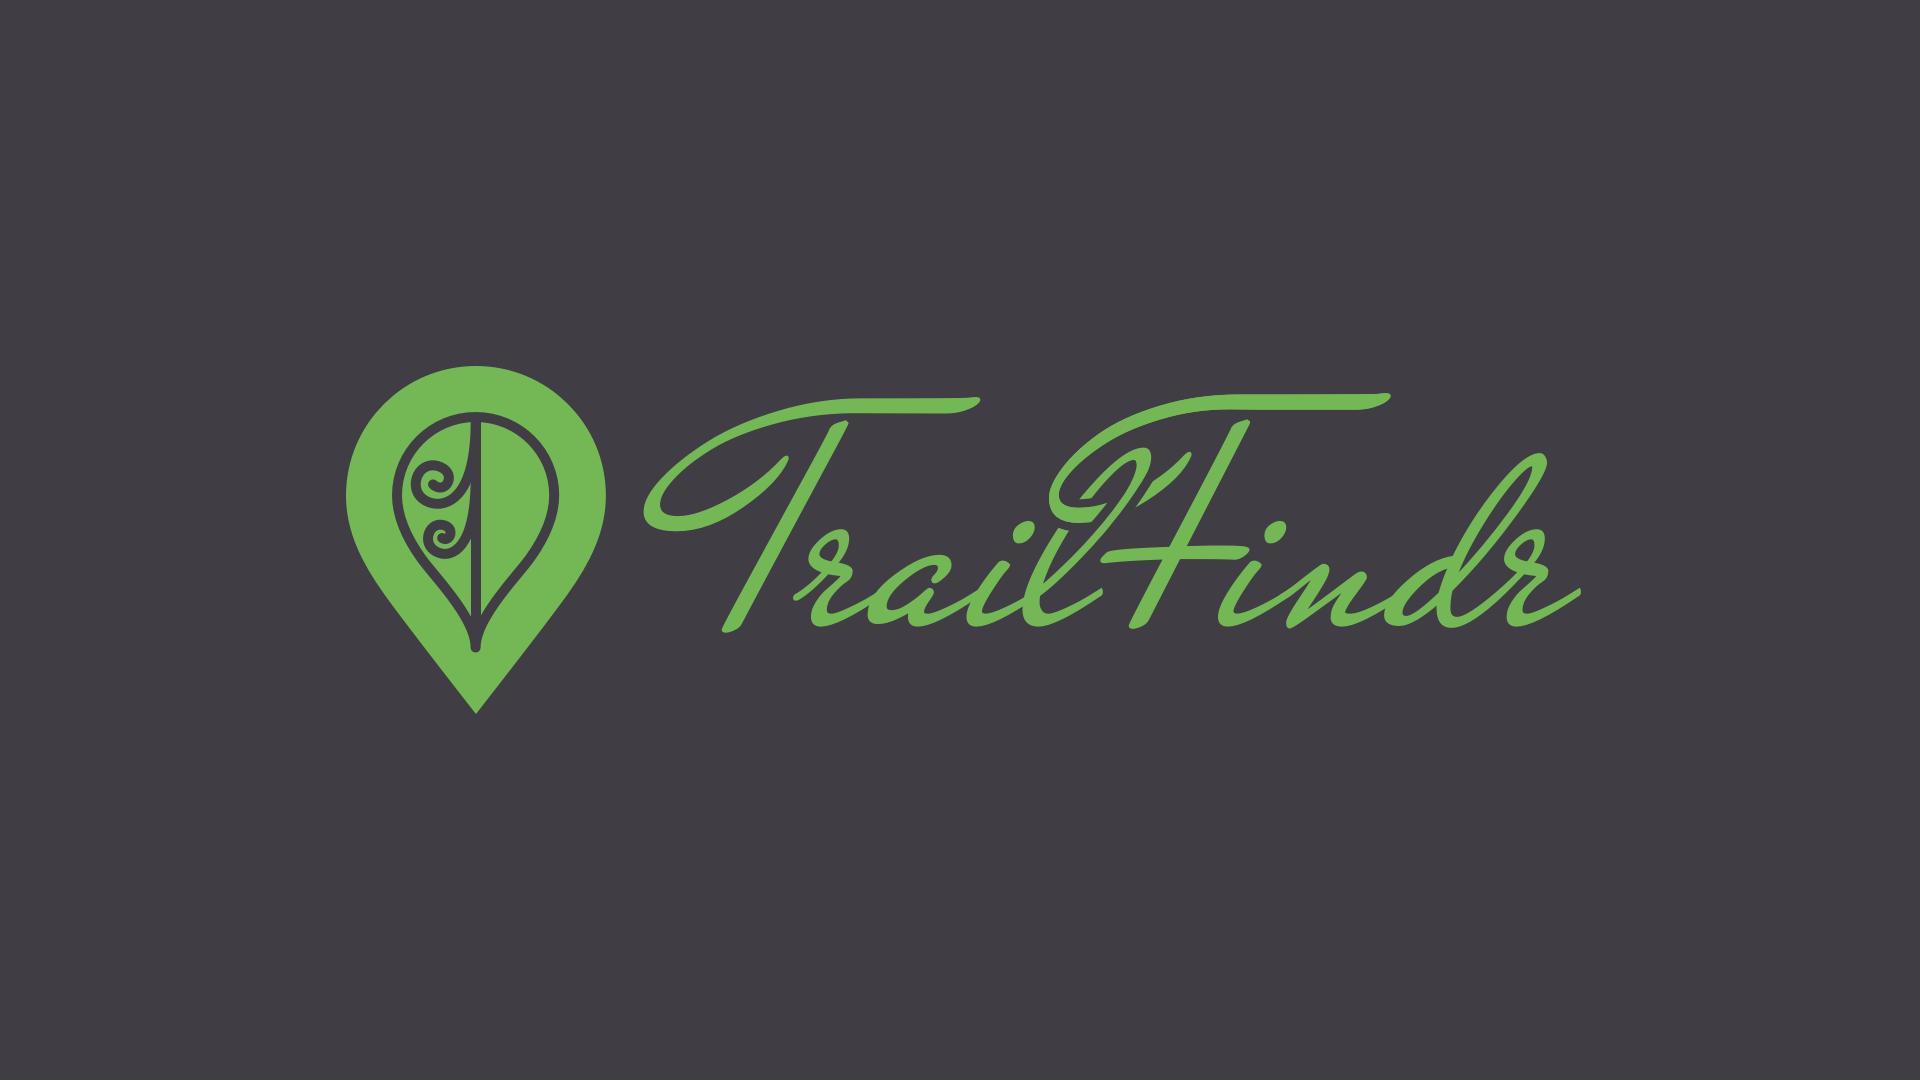 альтернатива trailfindr логотип